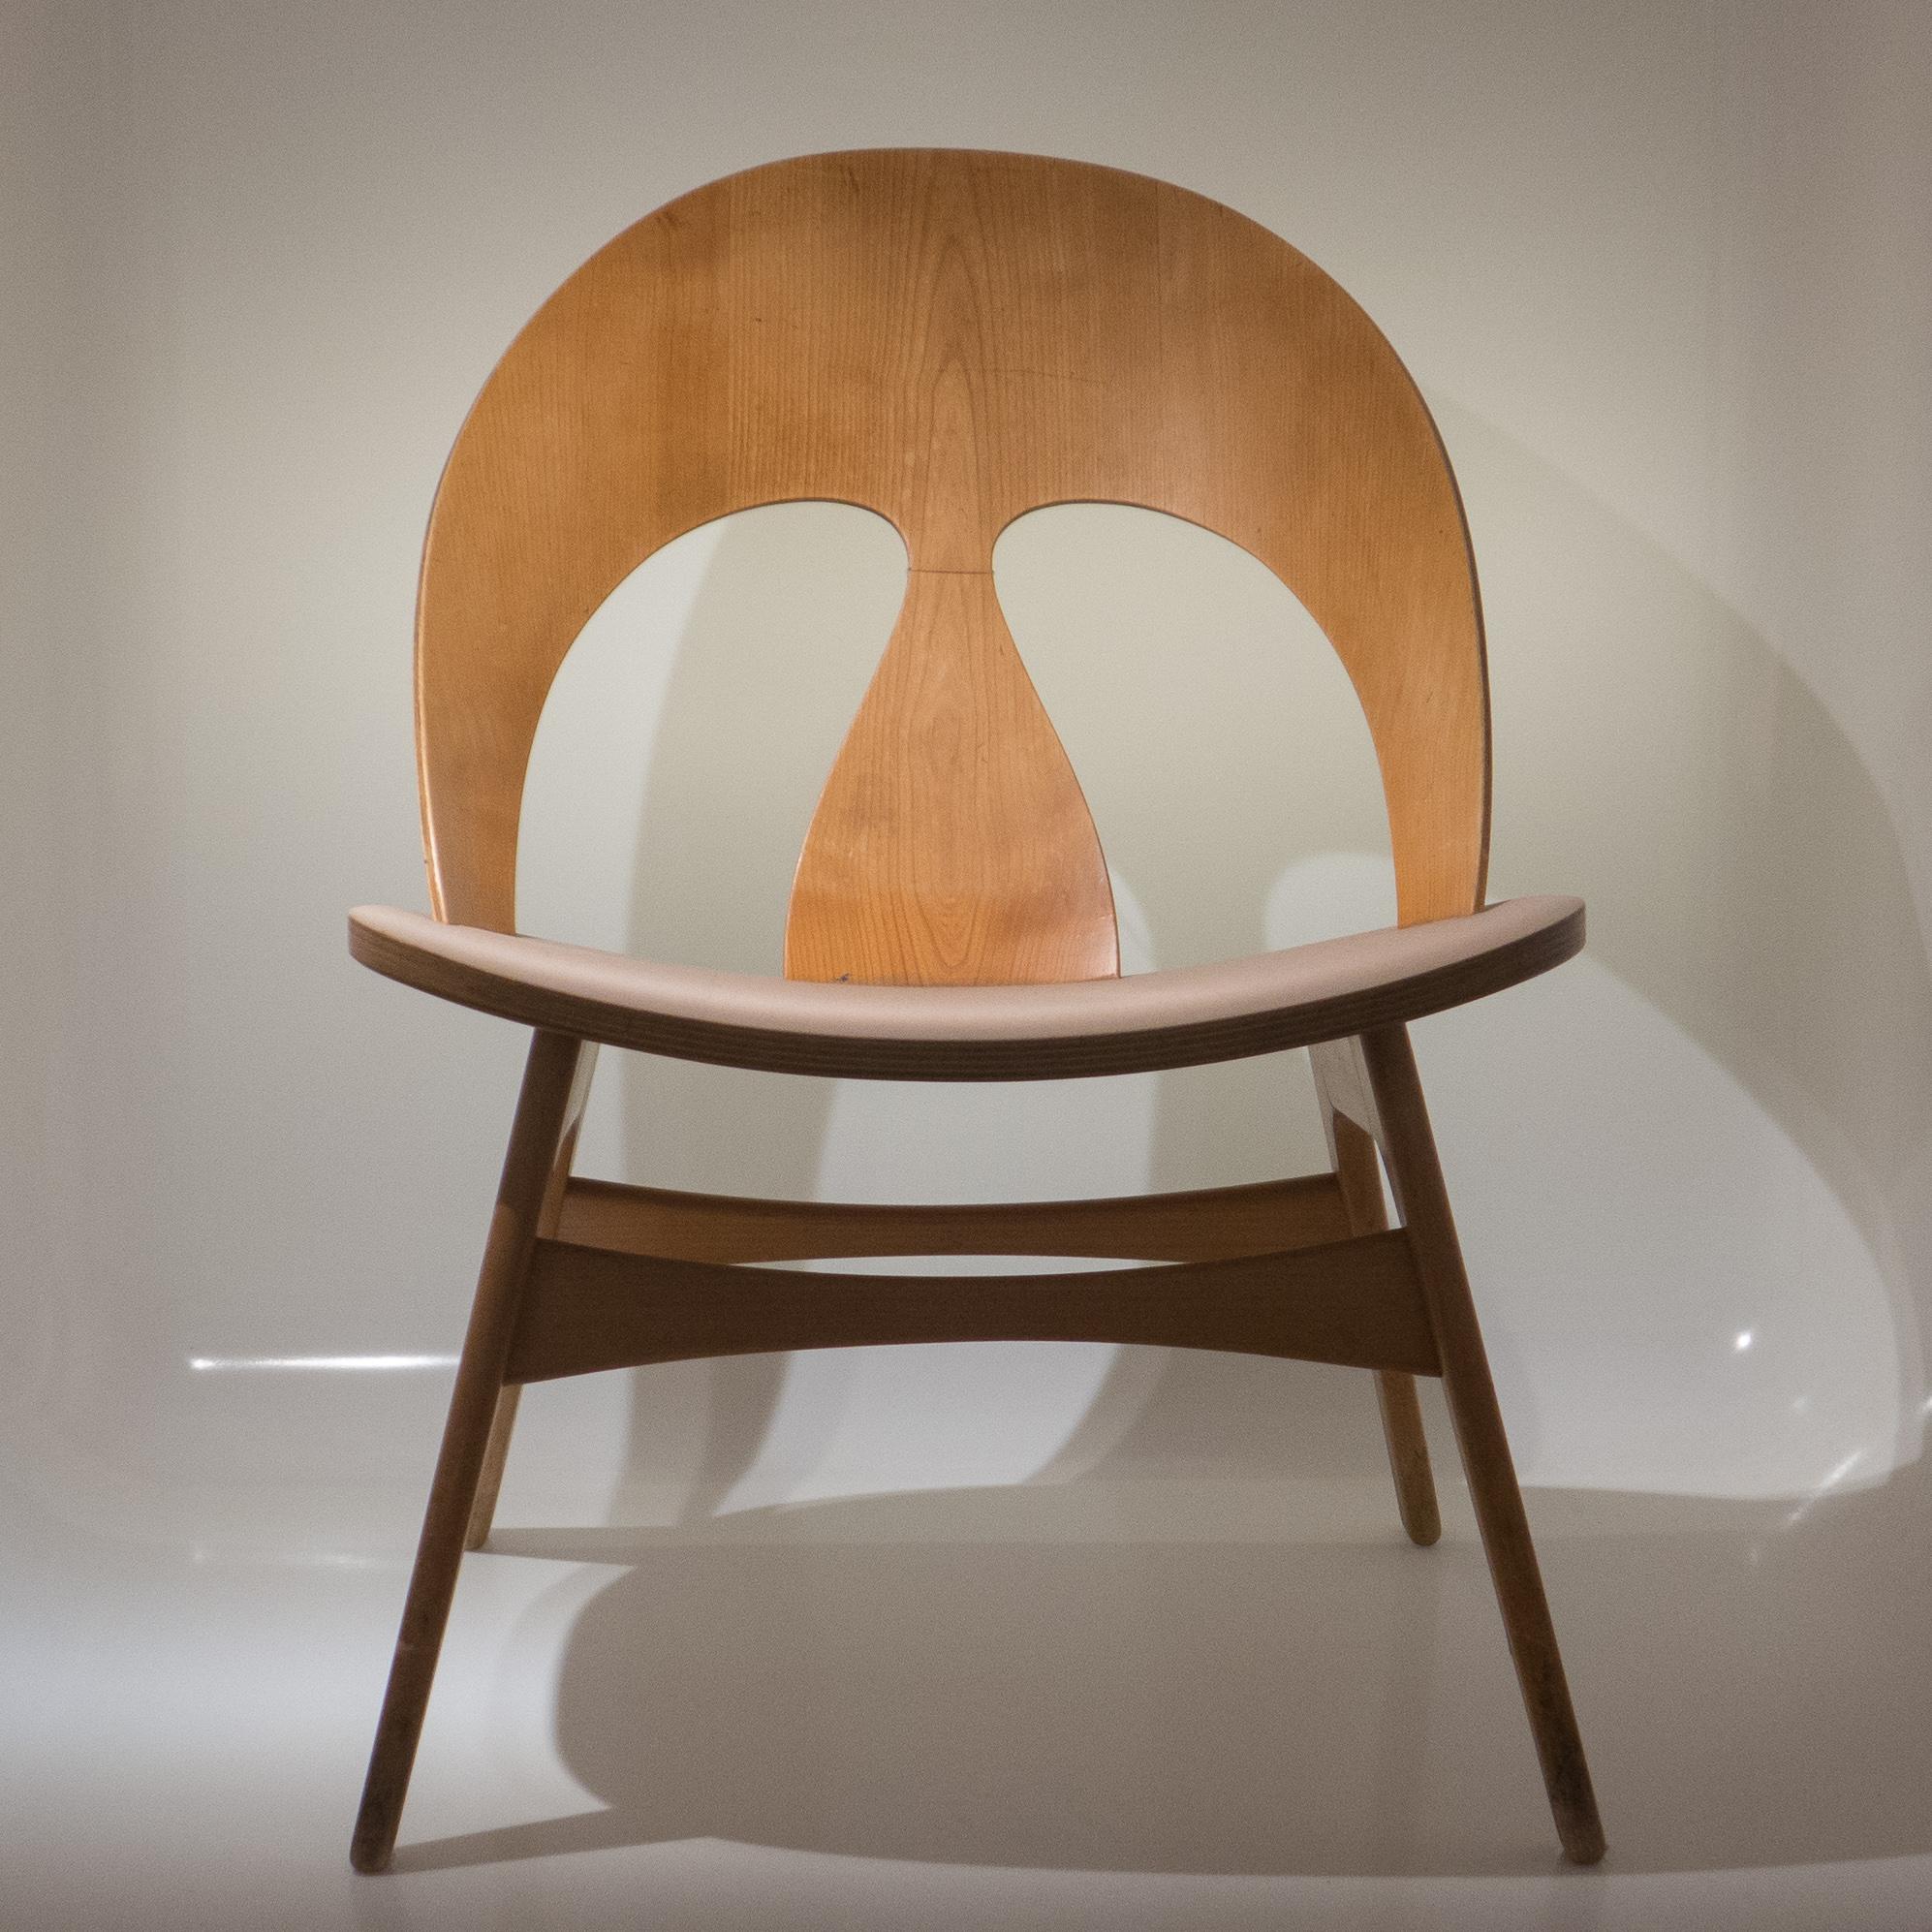 Chair by Børge Mogensen 1949